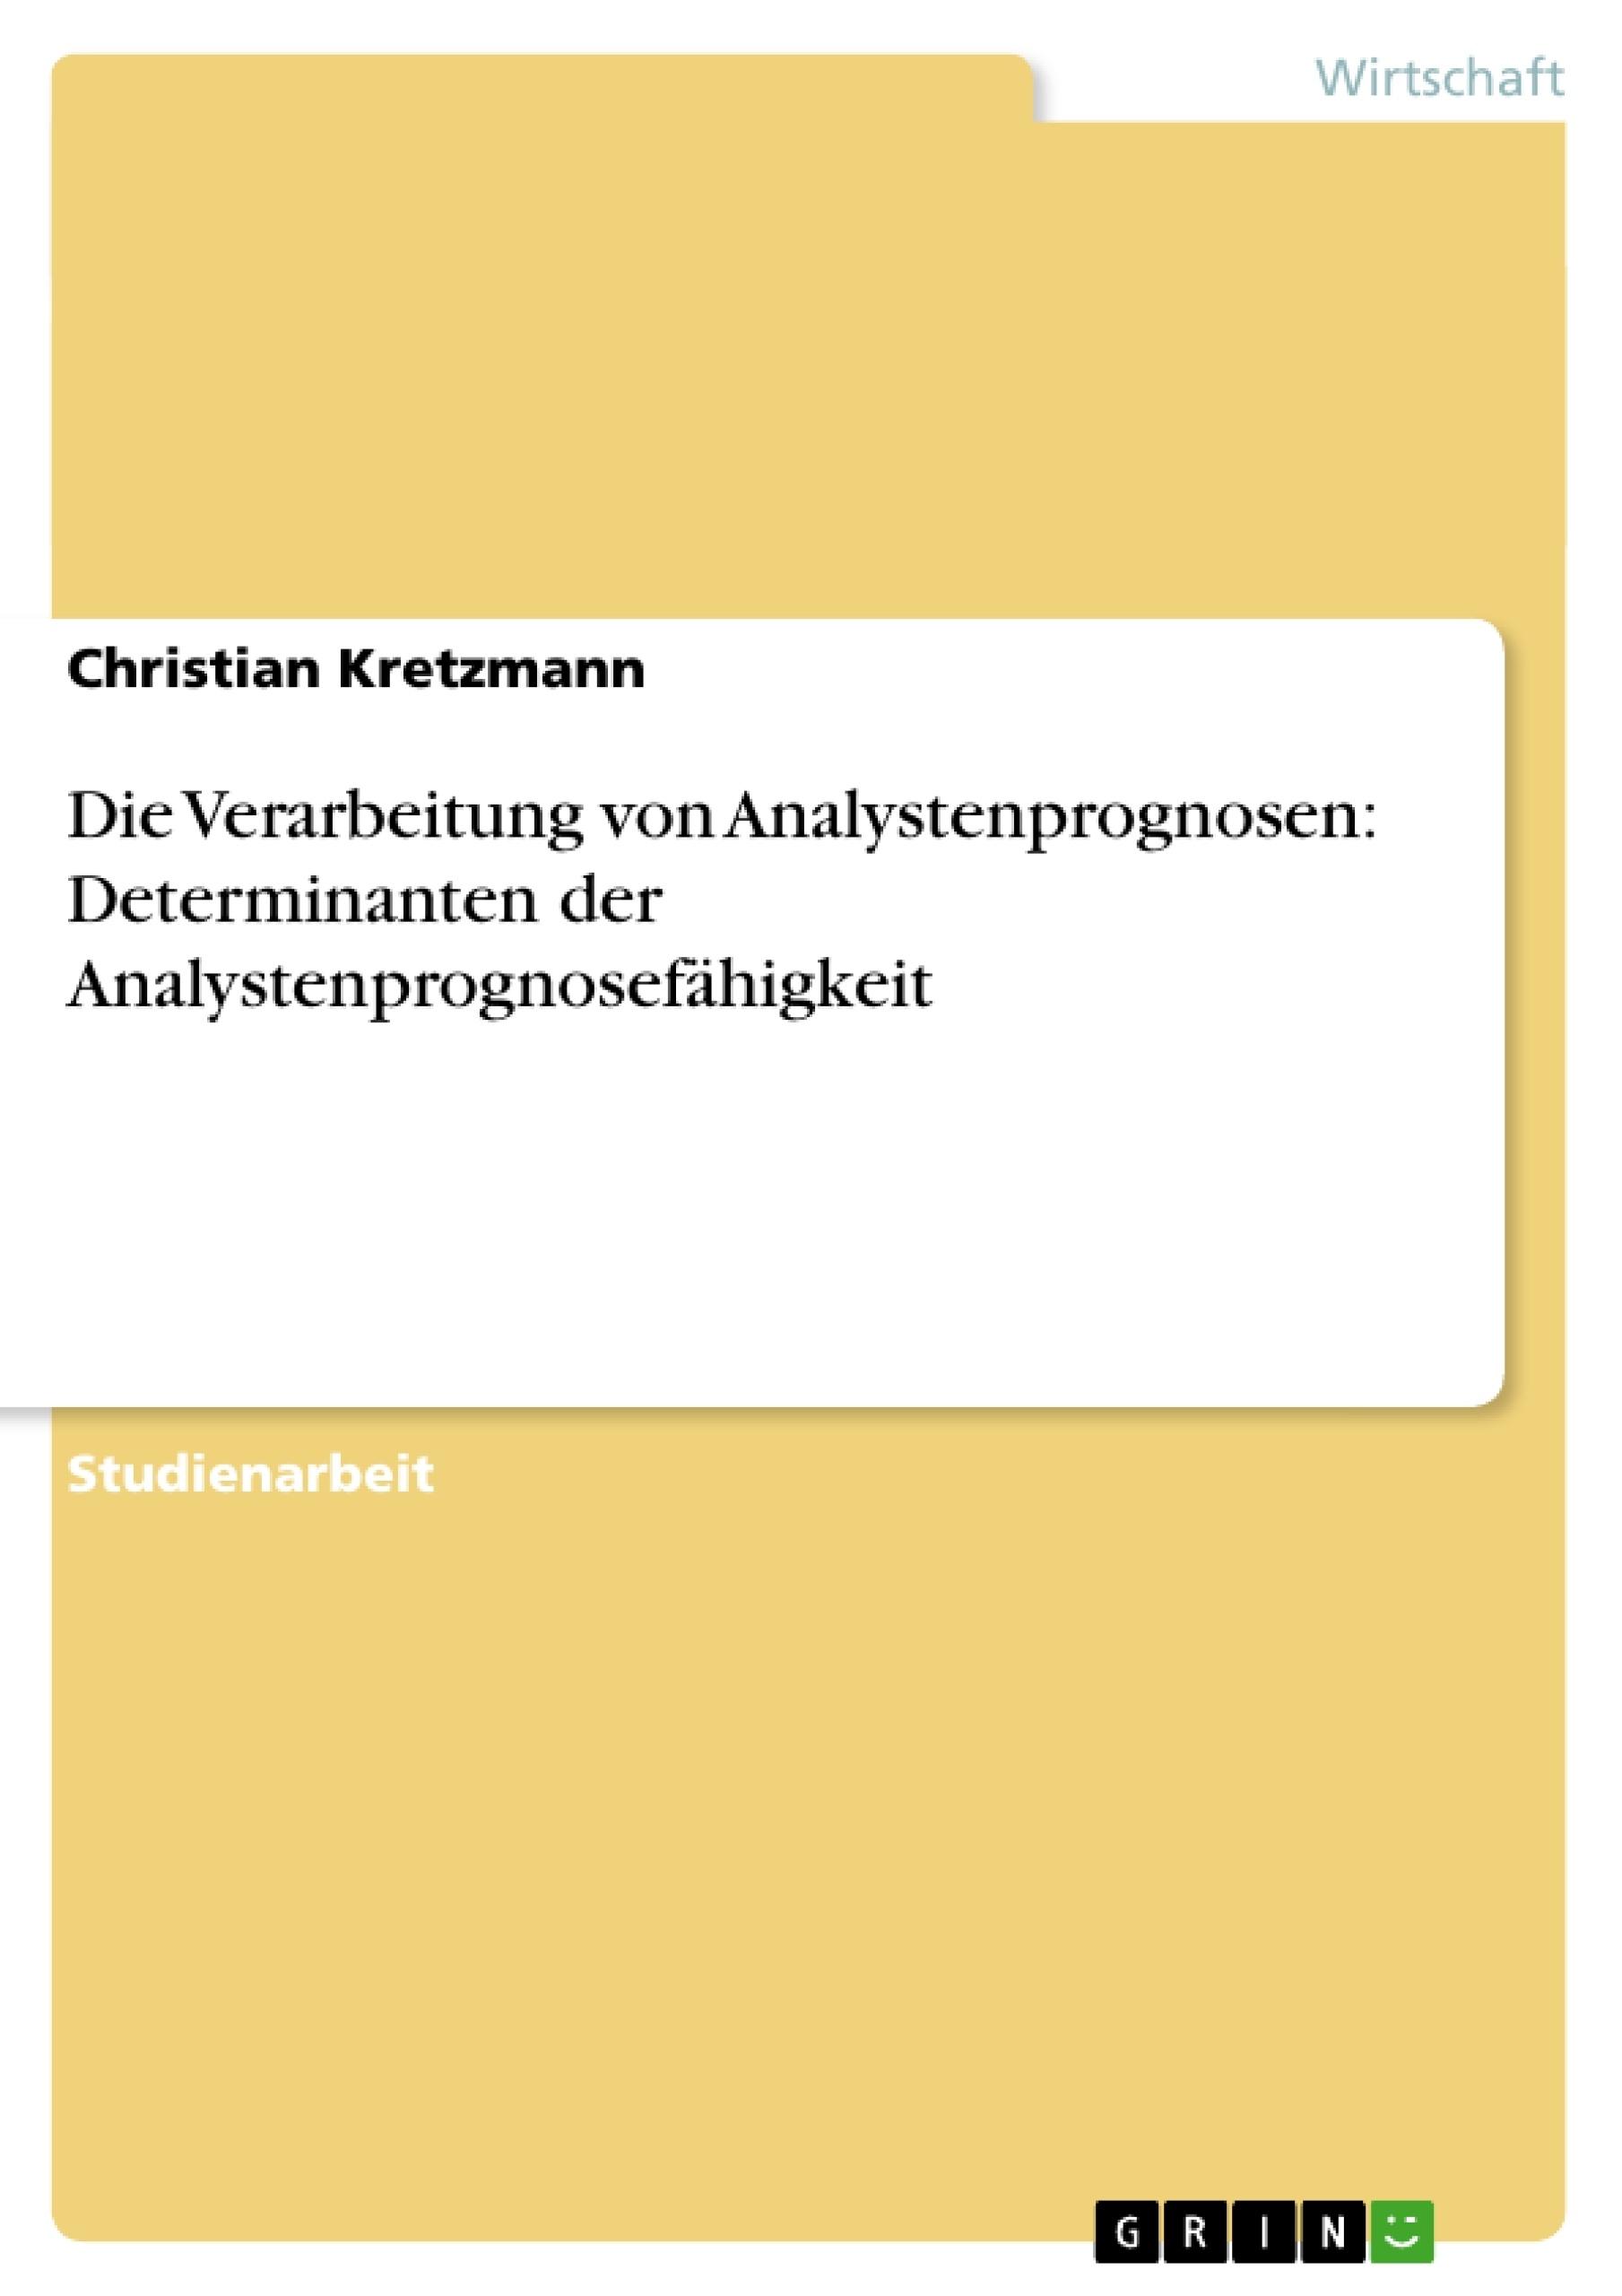 Titel: Die Verarbeitung von Analystenprognosen: Determinanten der Analystenprognosefähigkeit